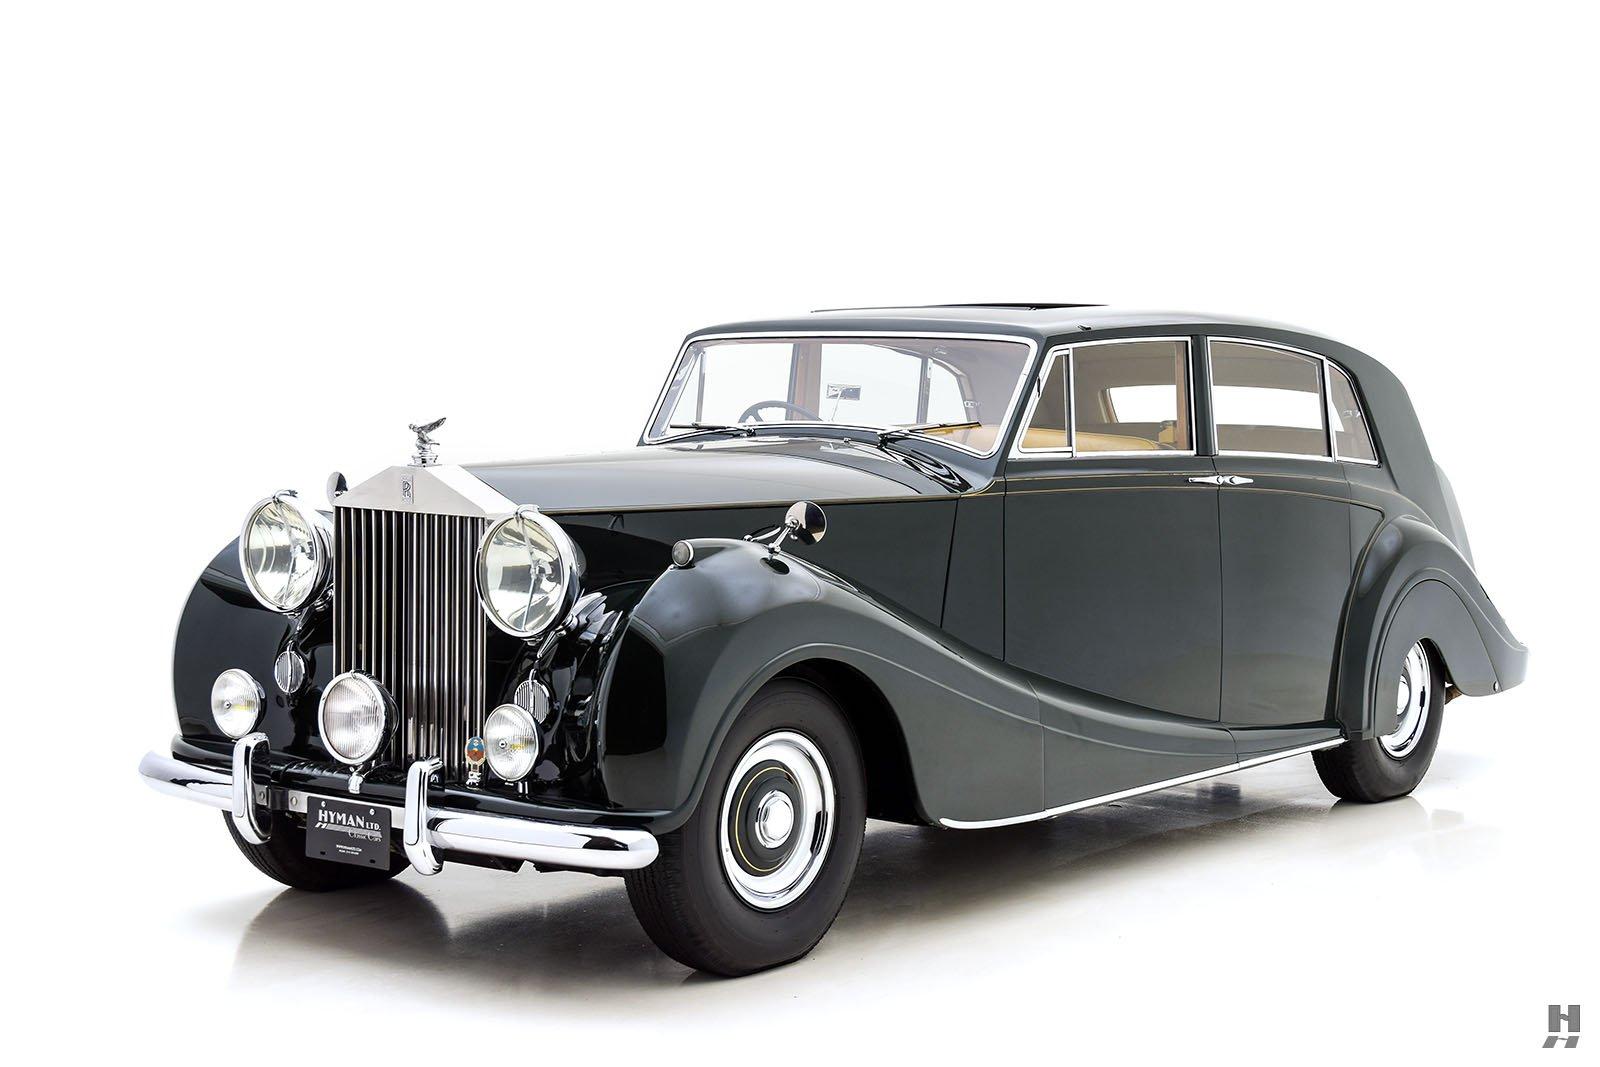 1954 Rolls Royce Silver Wraith By Freestone Amp Webb For